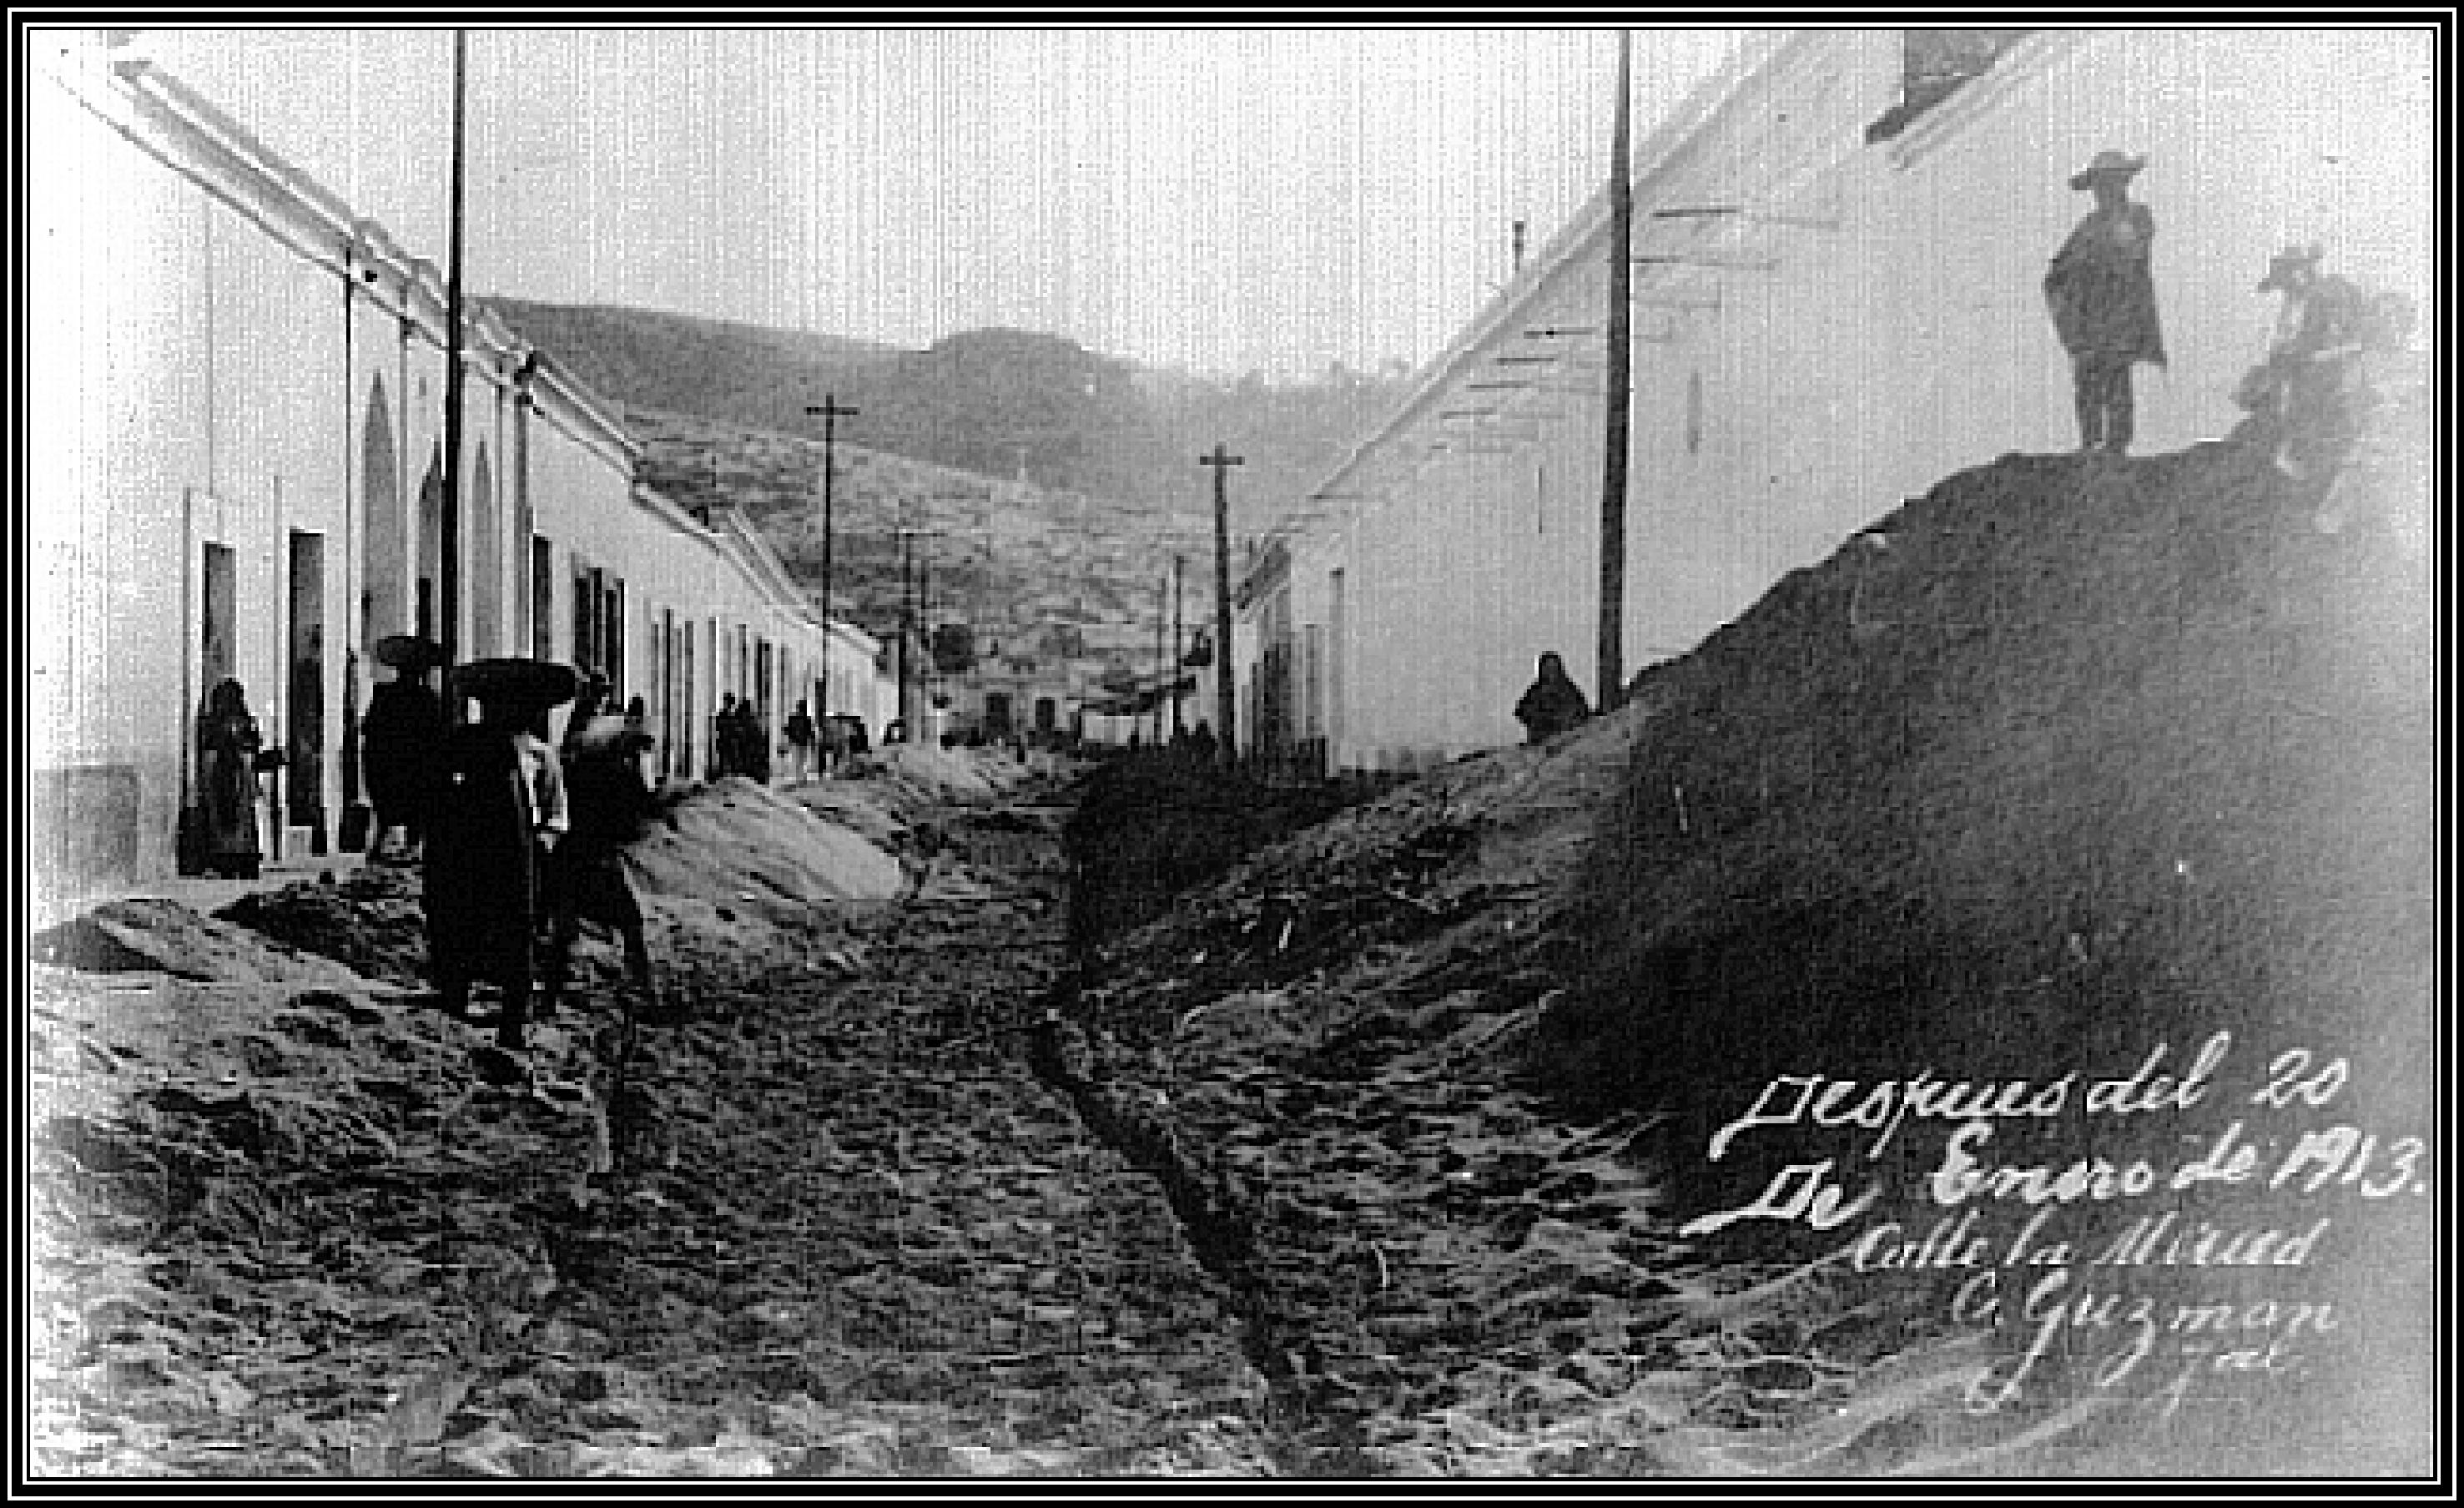 Fotos de san pedro caro michoacan 65